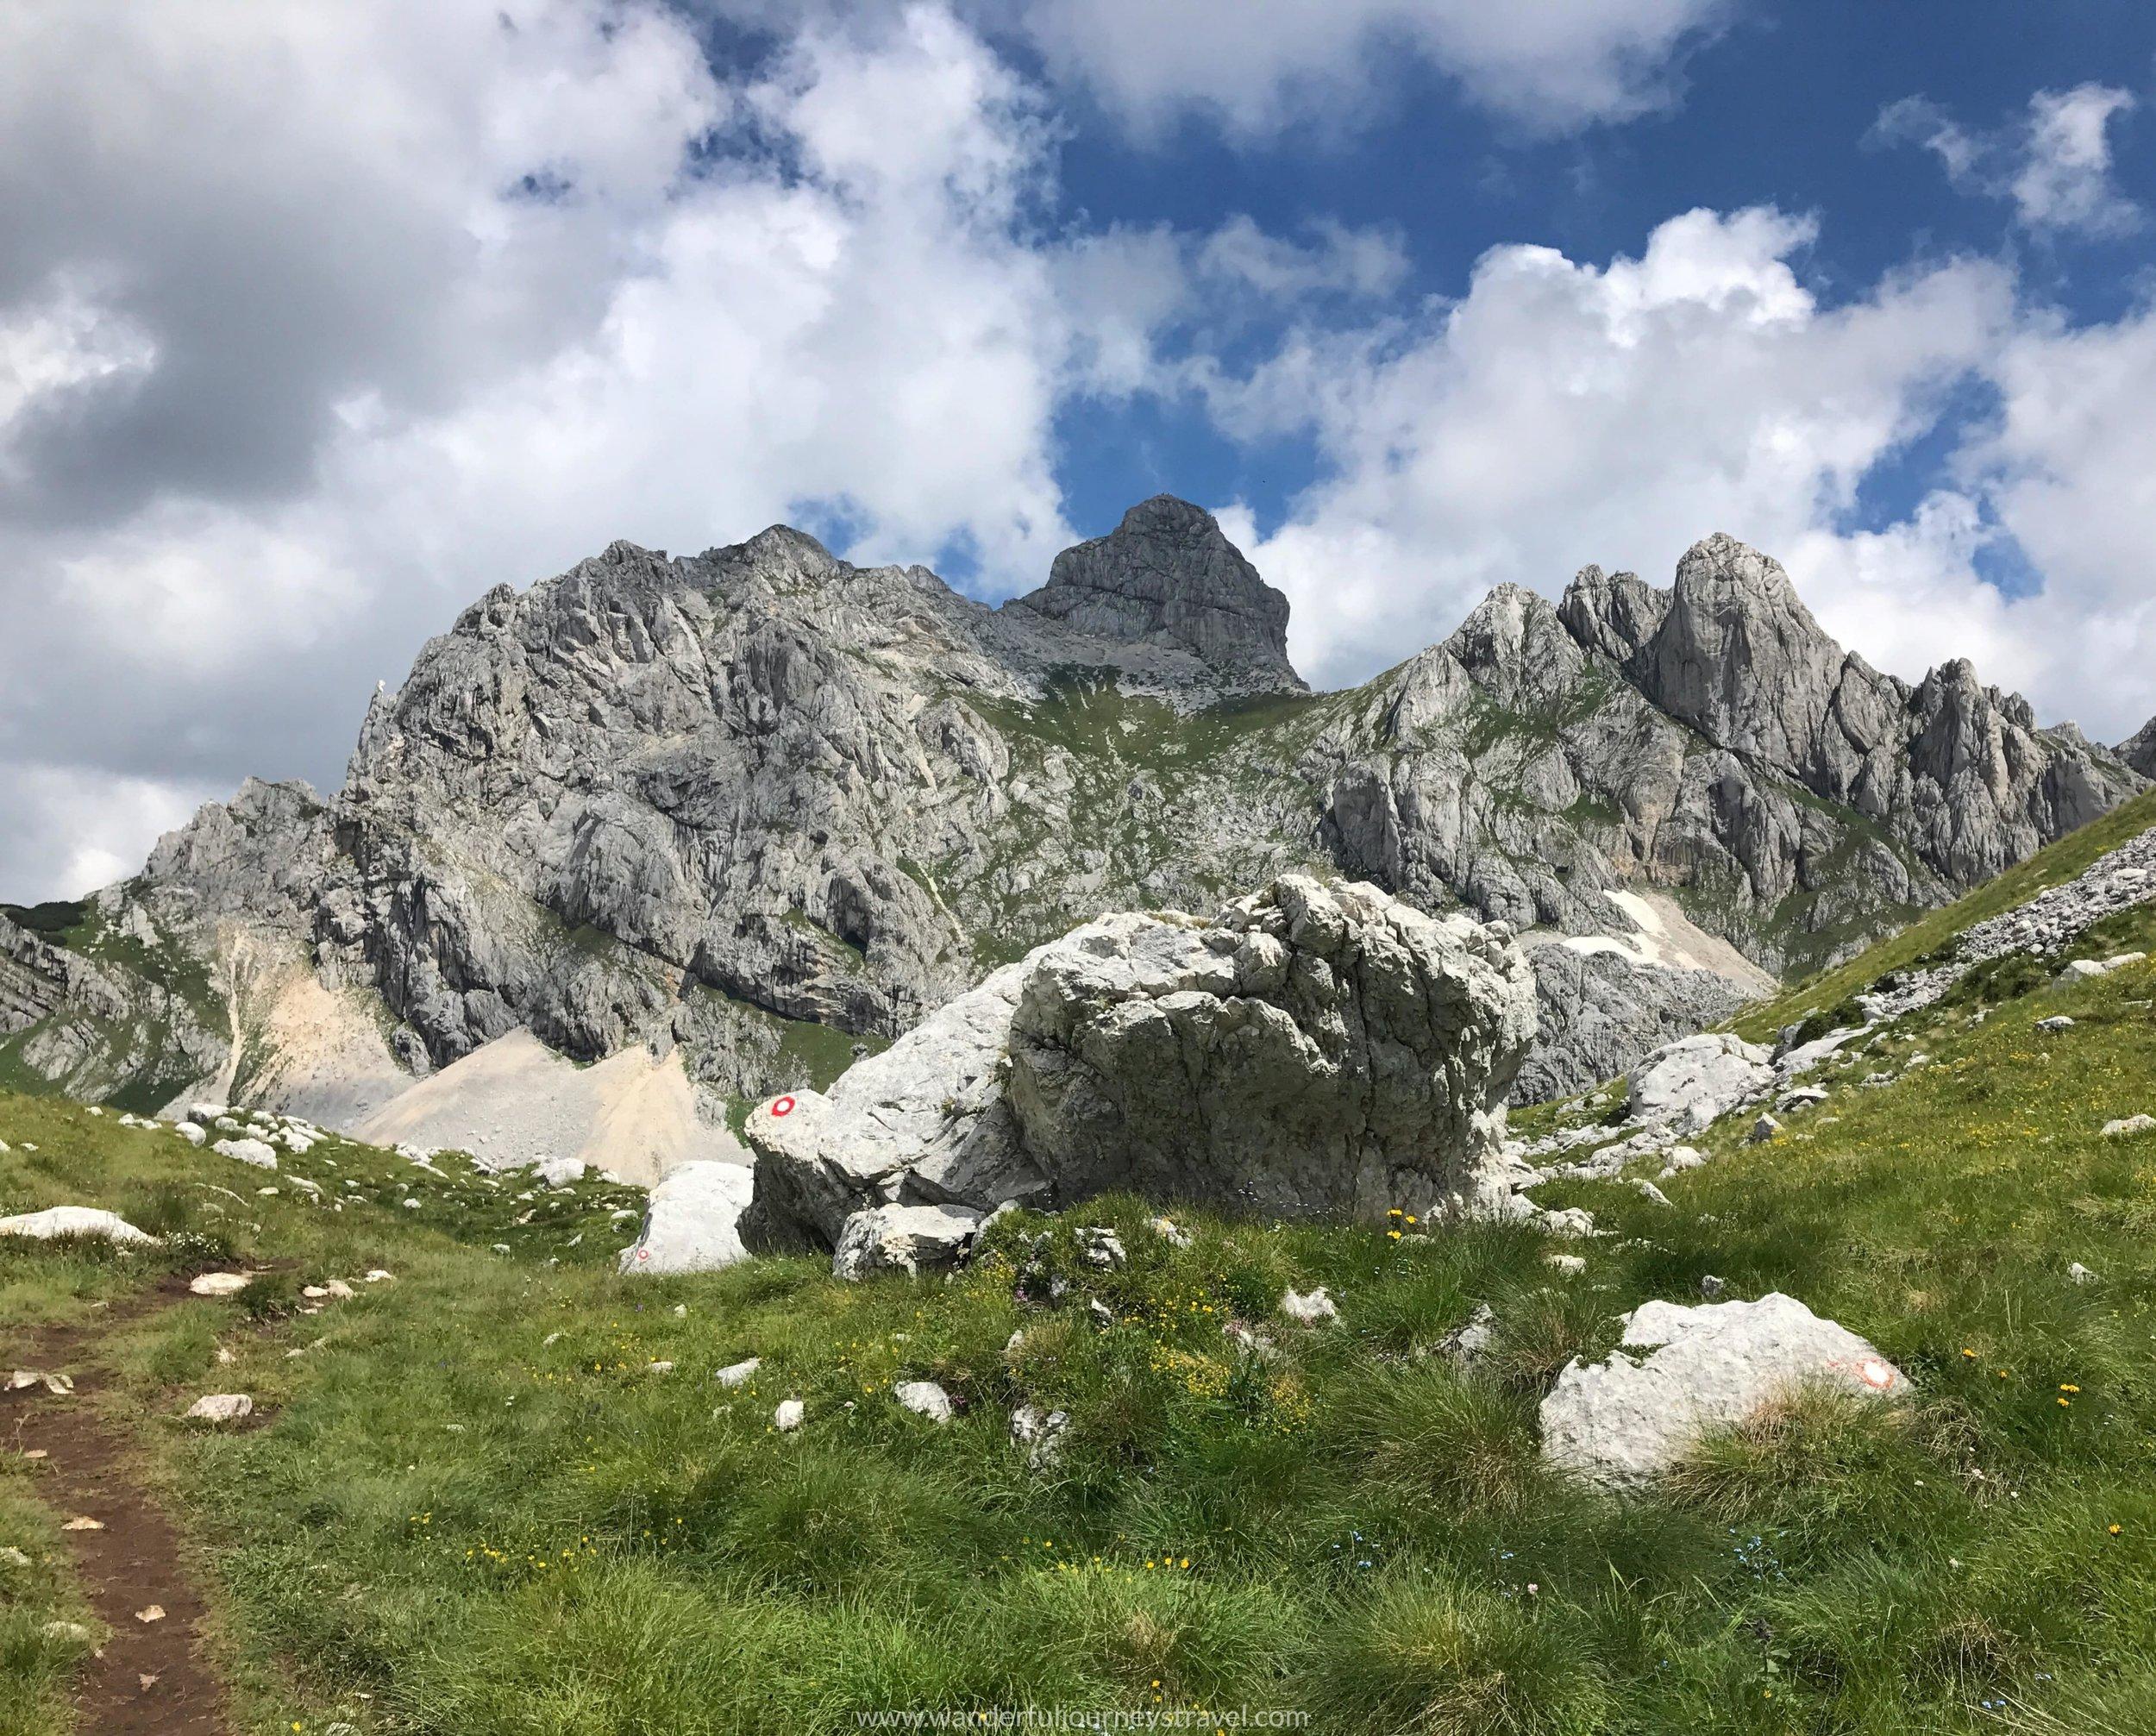 trail-view-bobotov-kuk-montenegro-durmitor.jpg